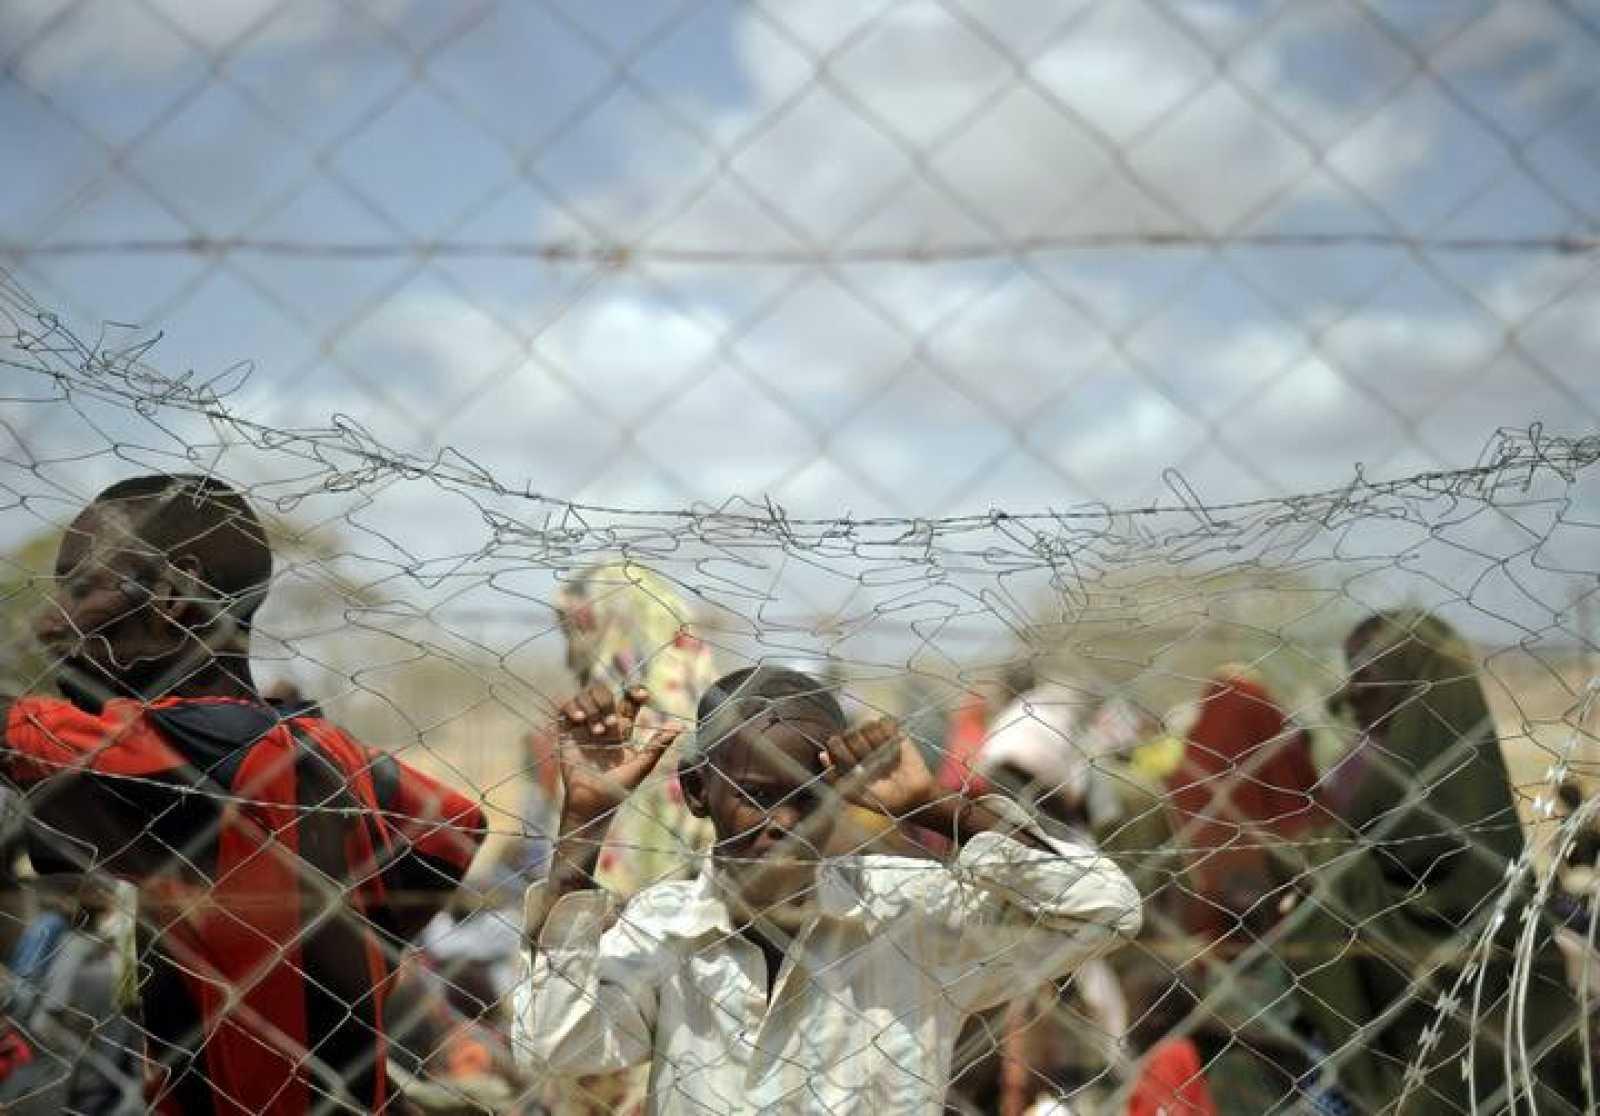 Un niño mira a través de una valla cómo llegan refugiados al campamento de Al Dadaab, en Kenia.